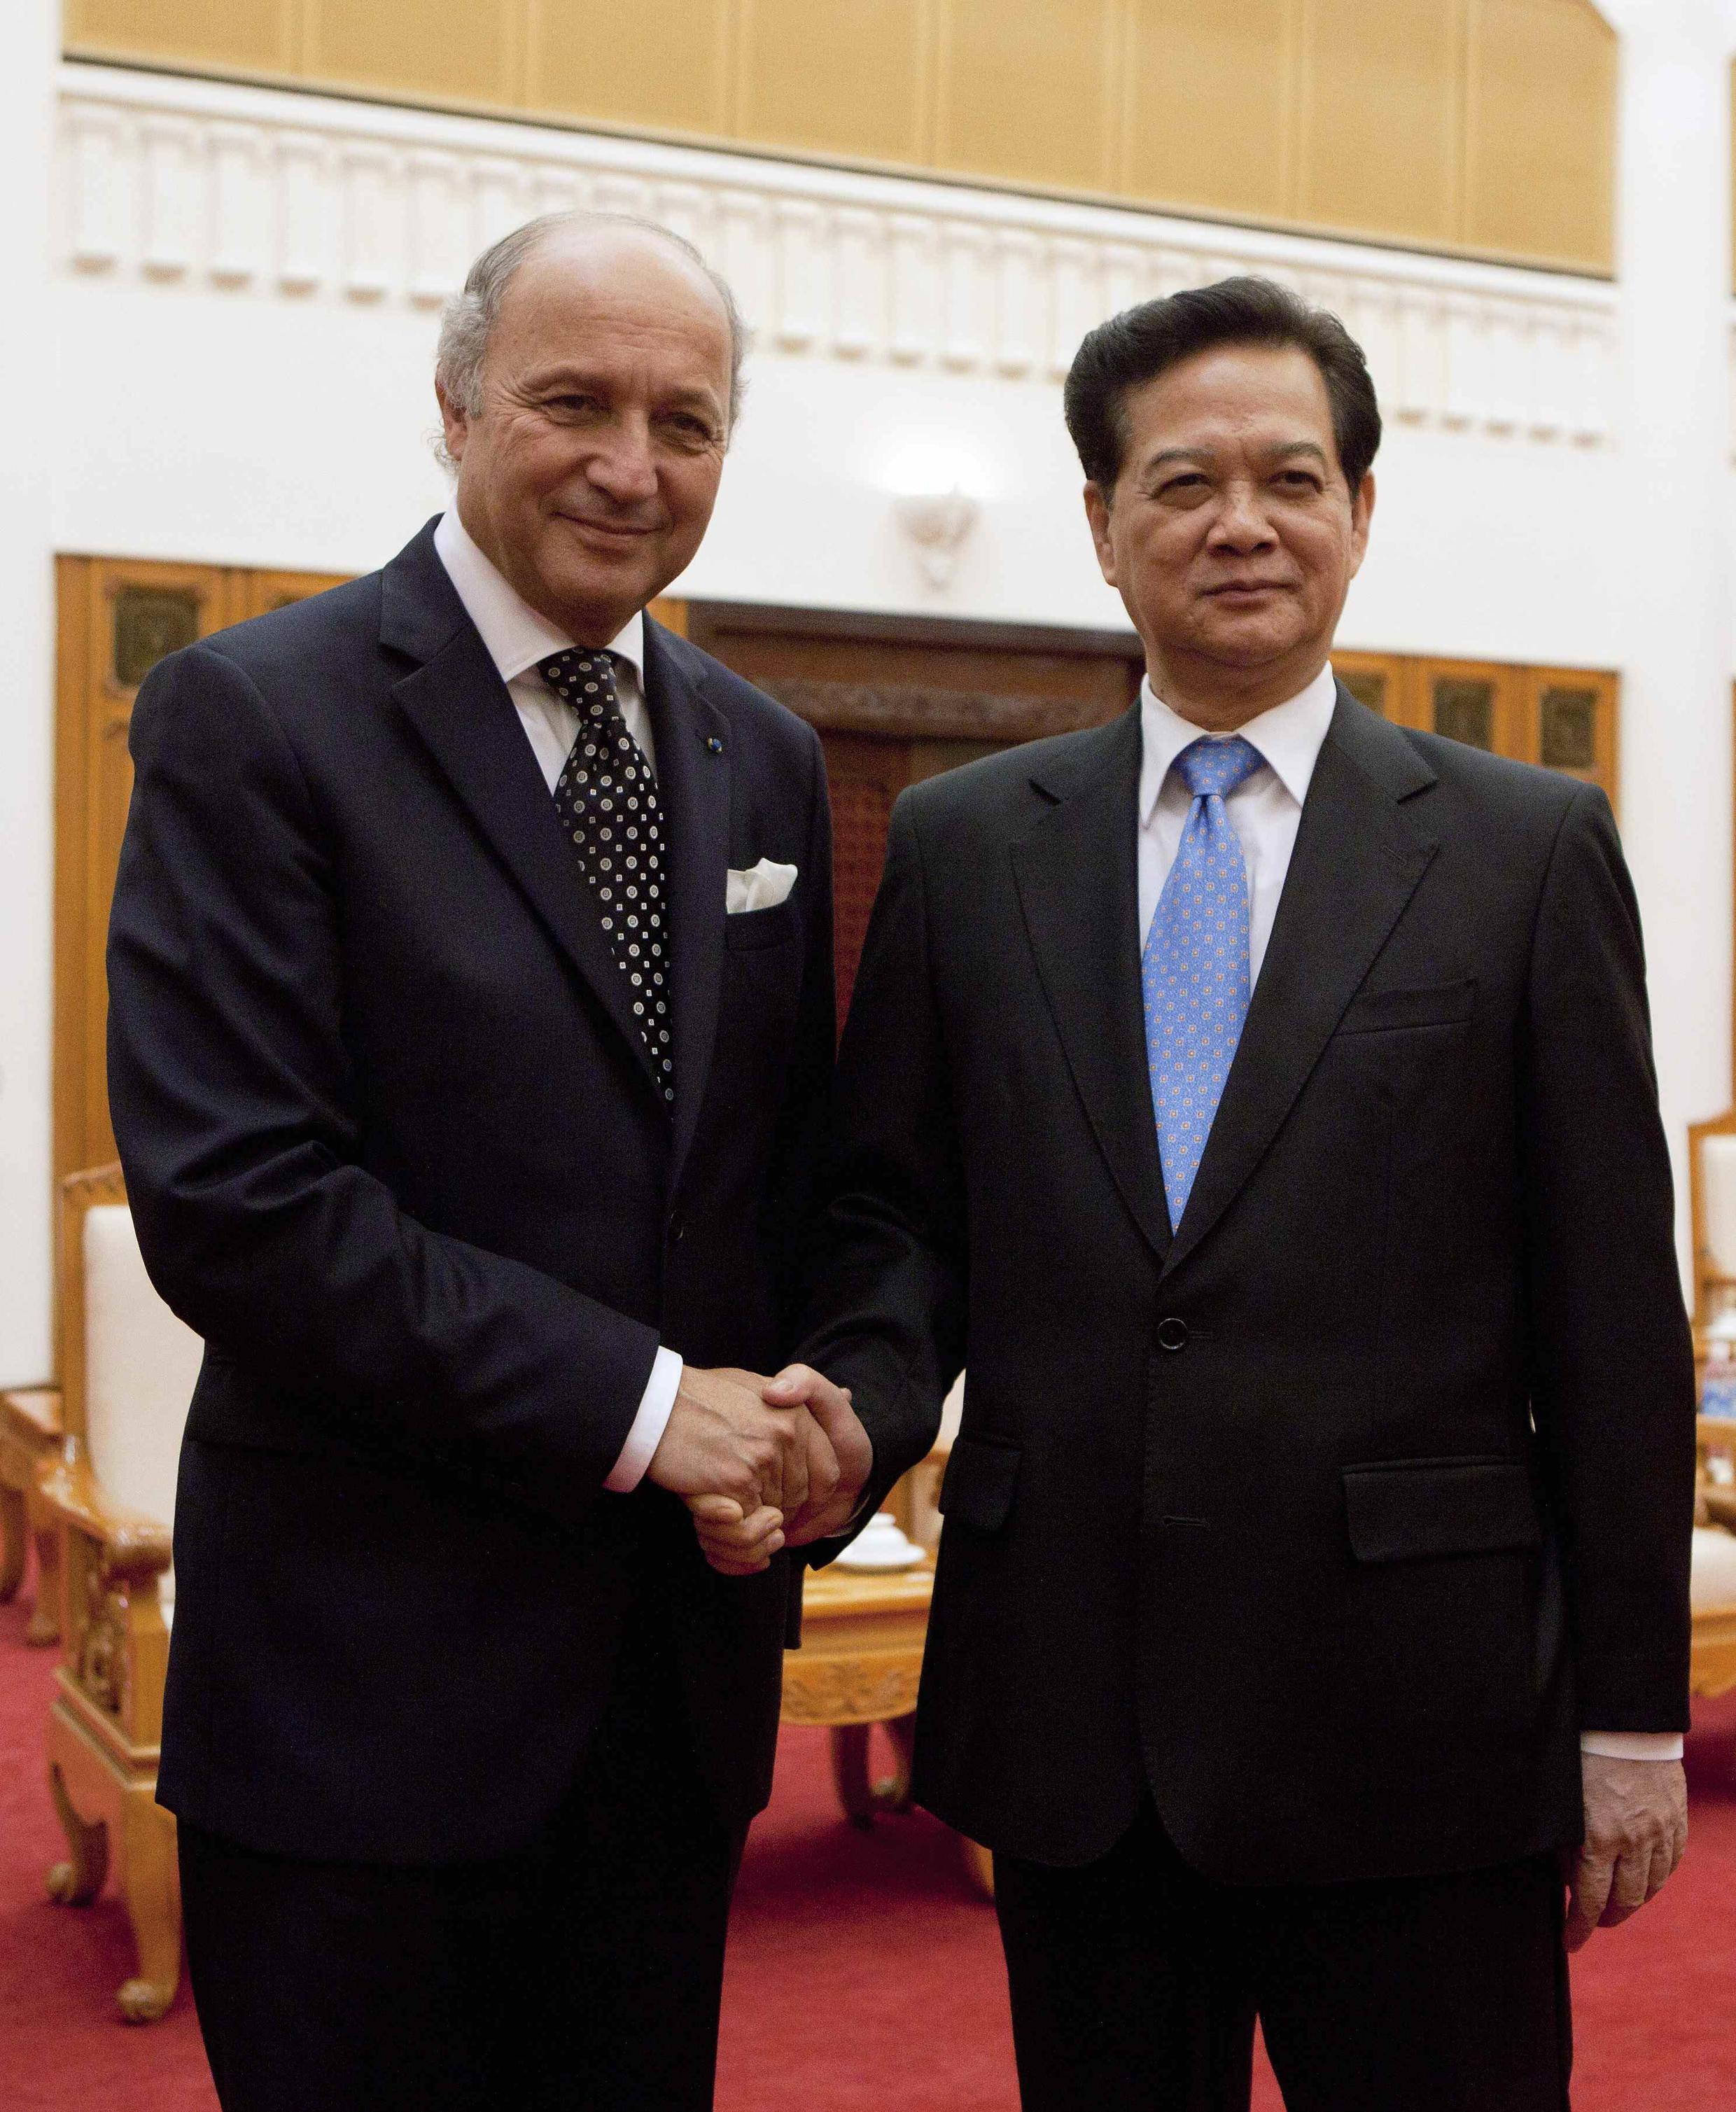 Ngoại trưởng Pháp Laurent Fabius và Thủ tướng VN Nguyễn Tấn Dũng REUTERS / Luong Thai Linh